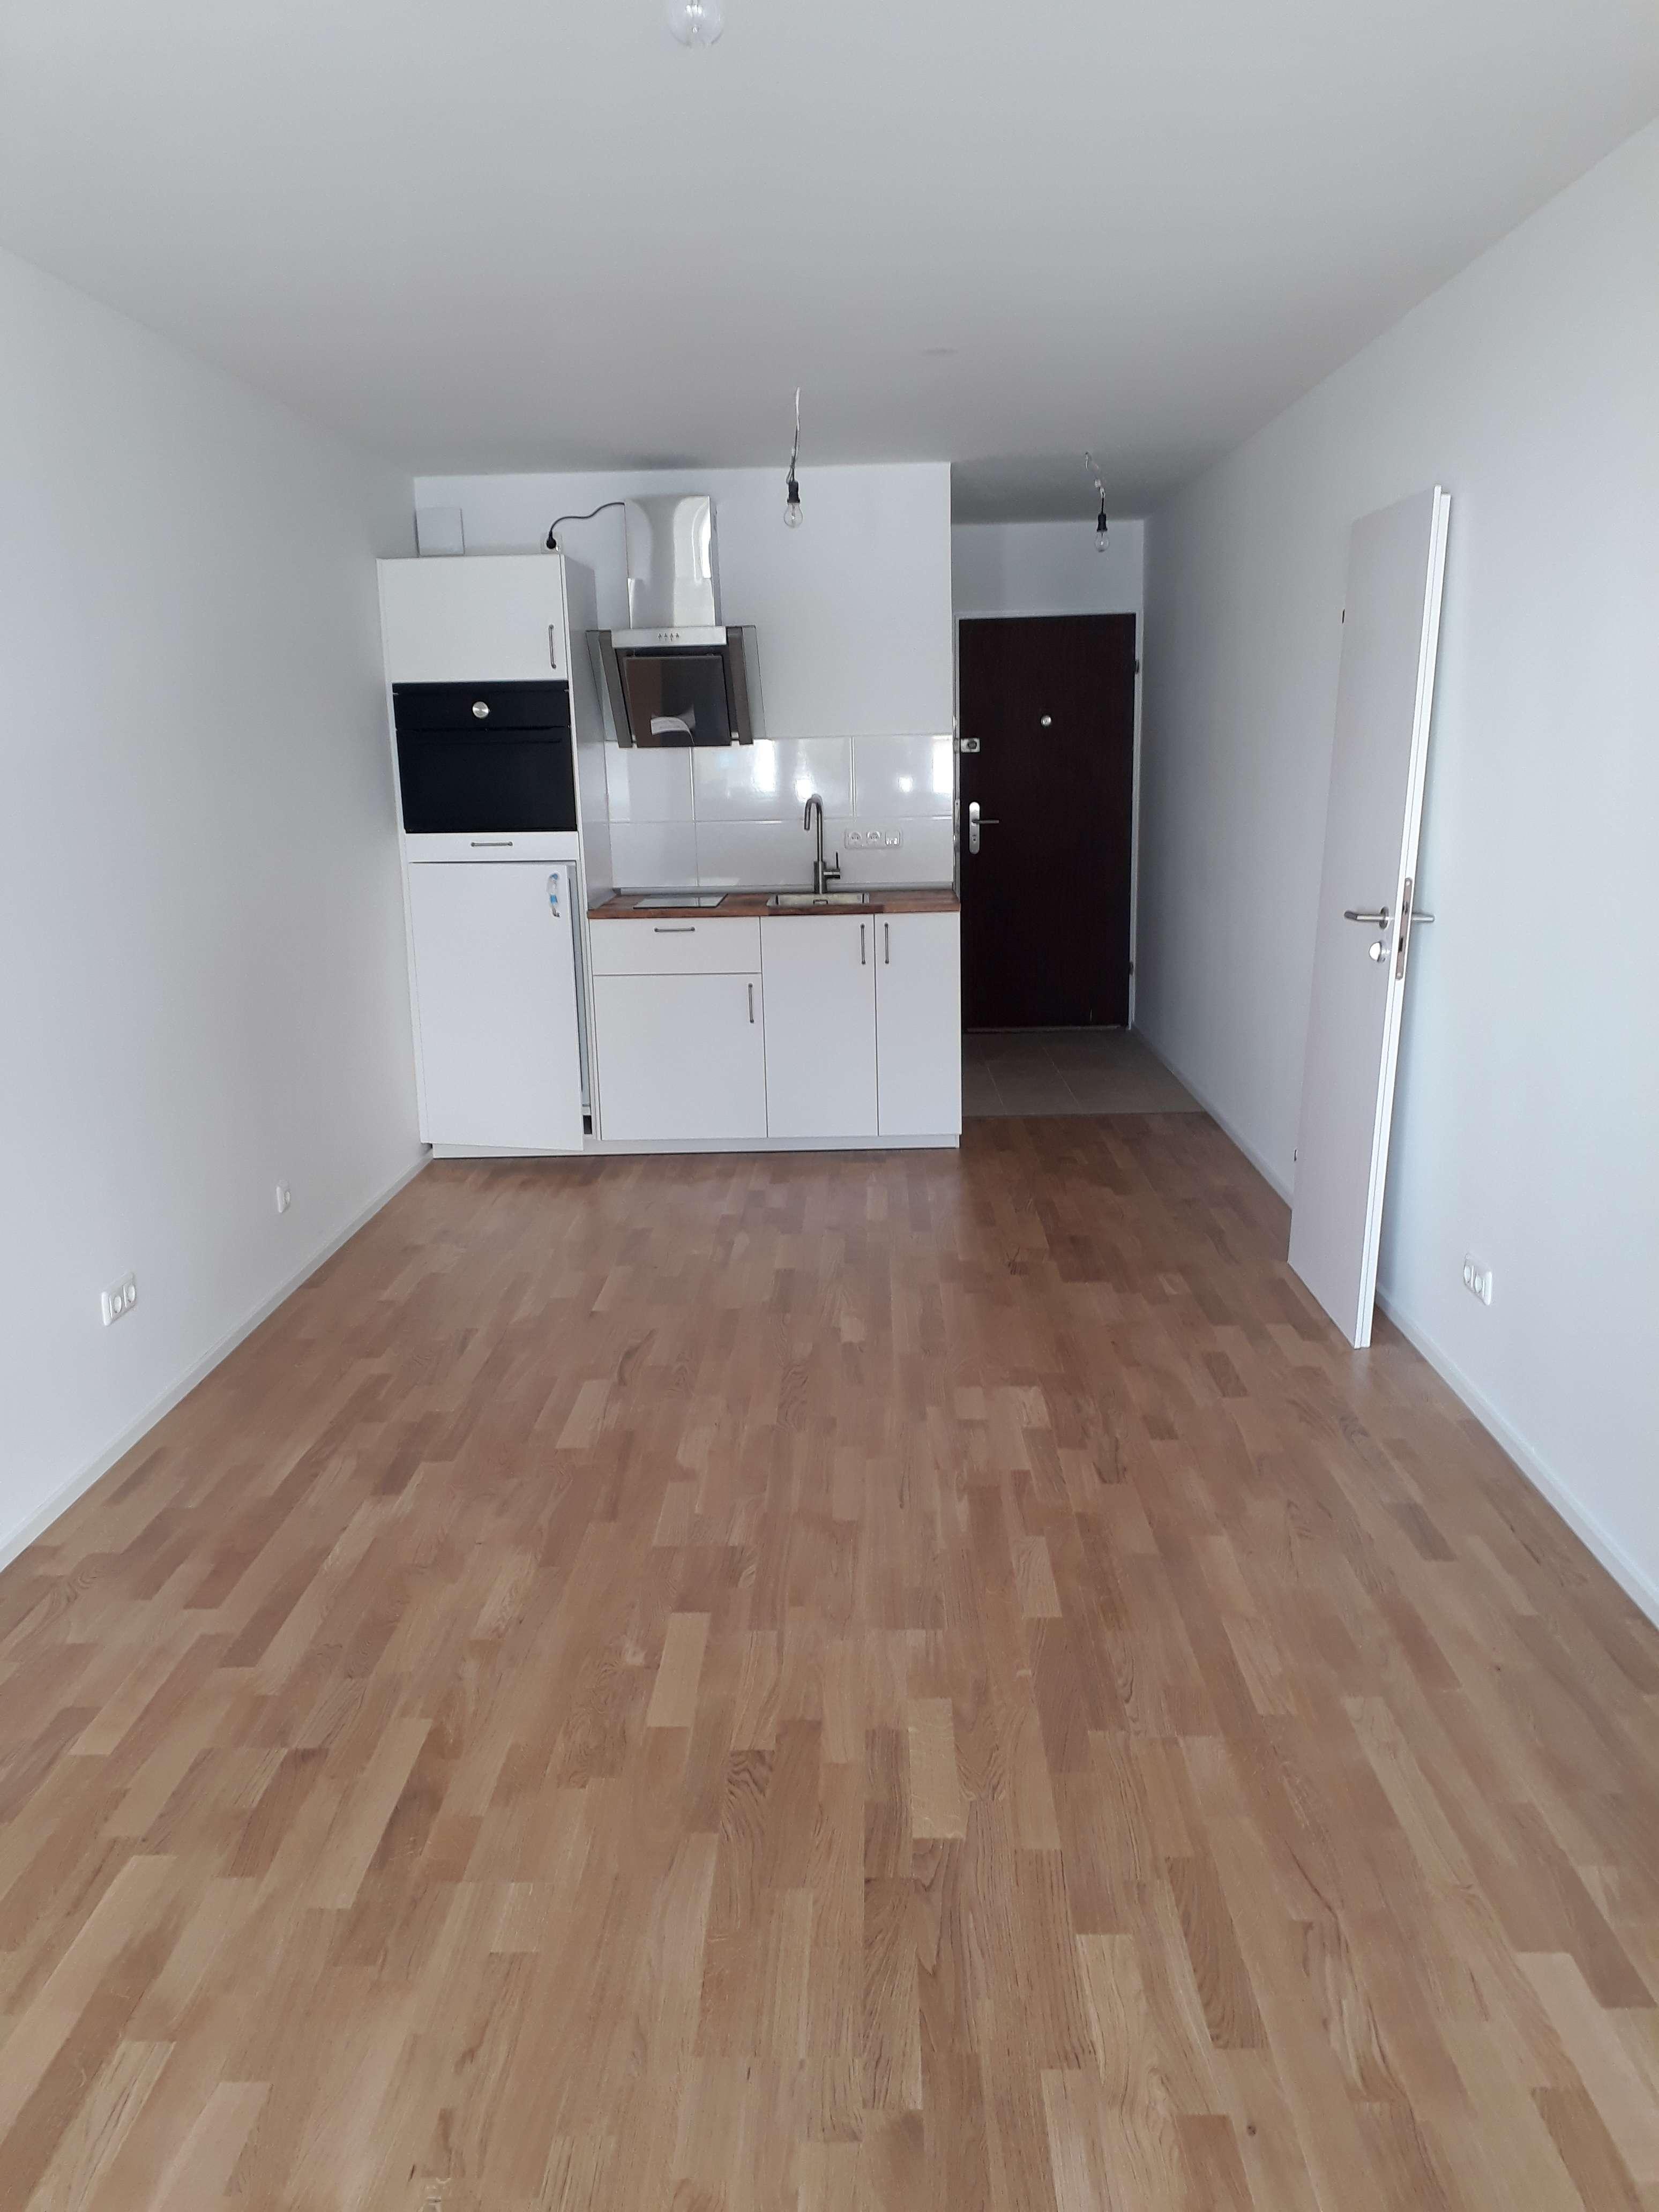 Vollständig renovierte 1-Zimmer-Hochparterre-Wohnung mit EBK in Moosach, München in Moosach